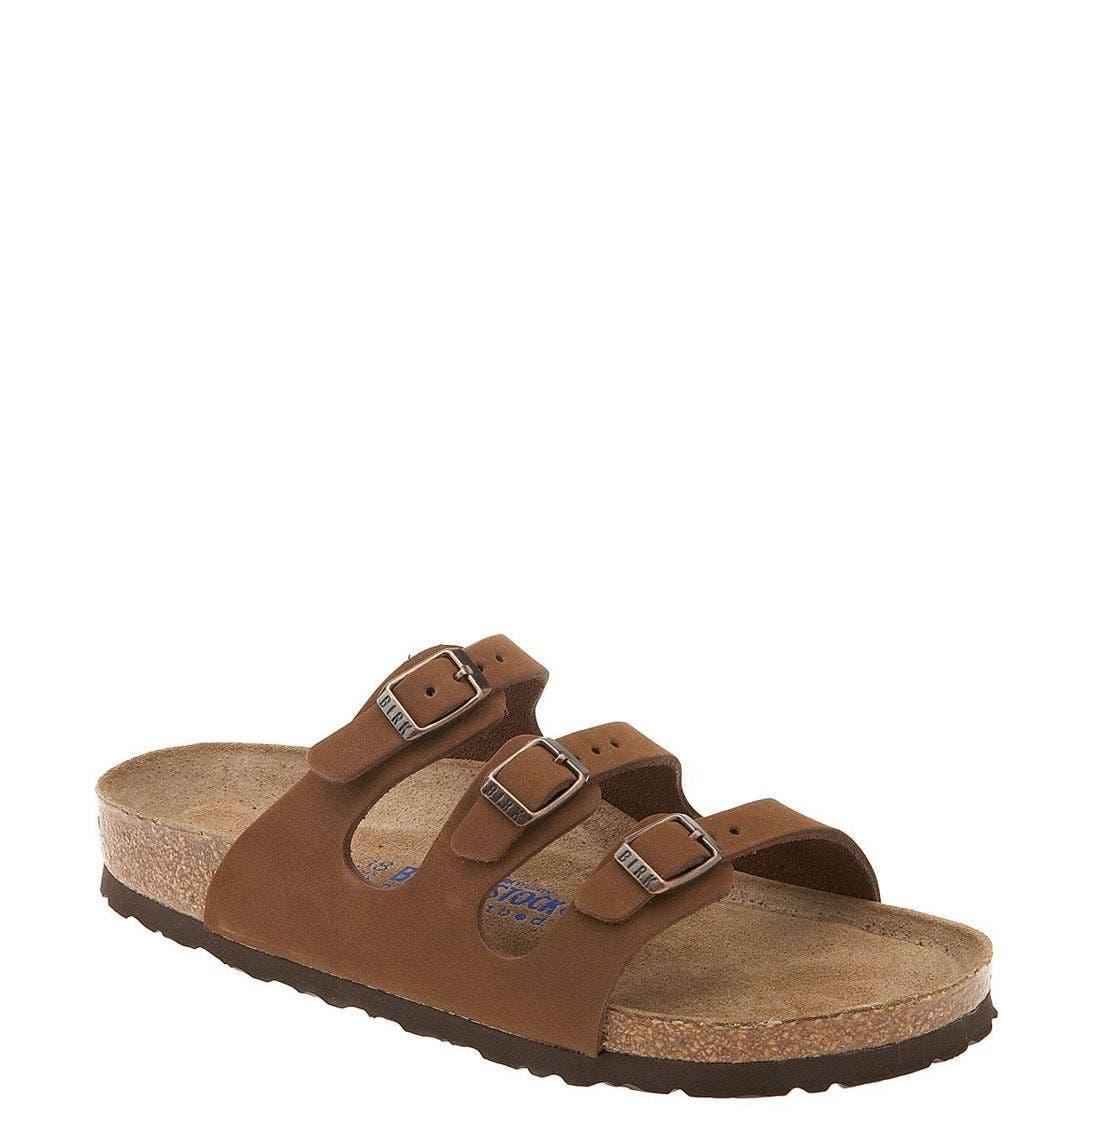 Main Image - Birkenstock 'Florida' Soft Footbed Sandal (Women)